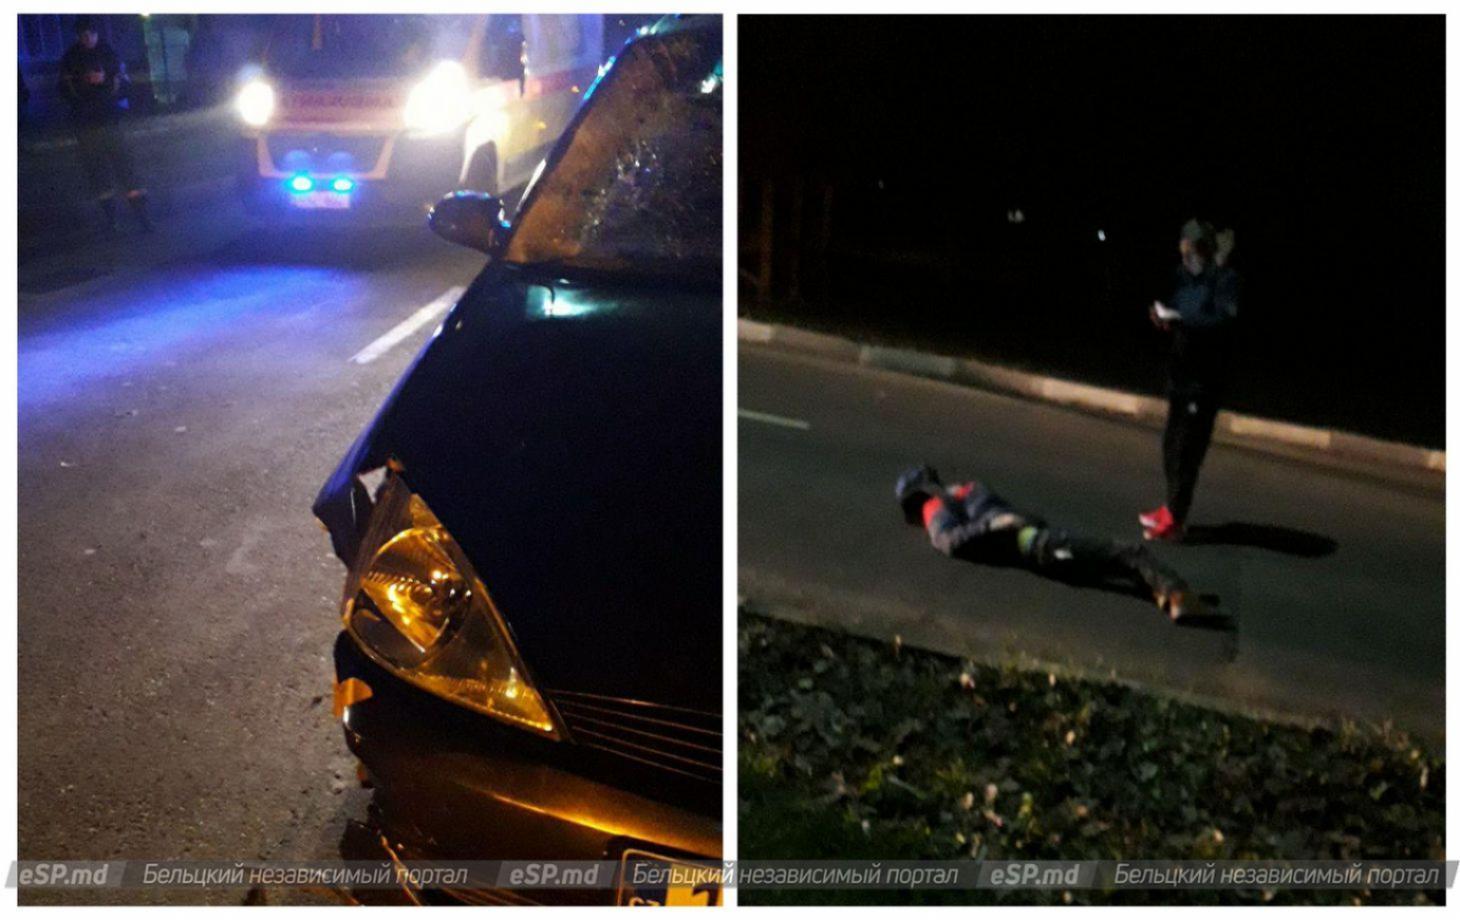 FOTO | Doi tineri din Bălți au fost tamponați de un automobil. O tânără de 19 ani a decedat pe loc